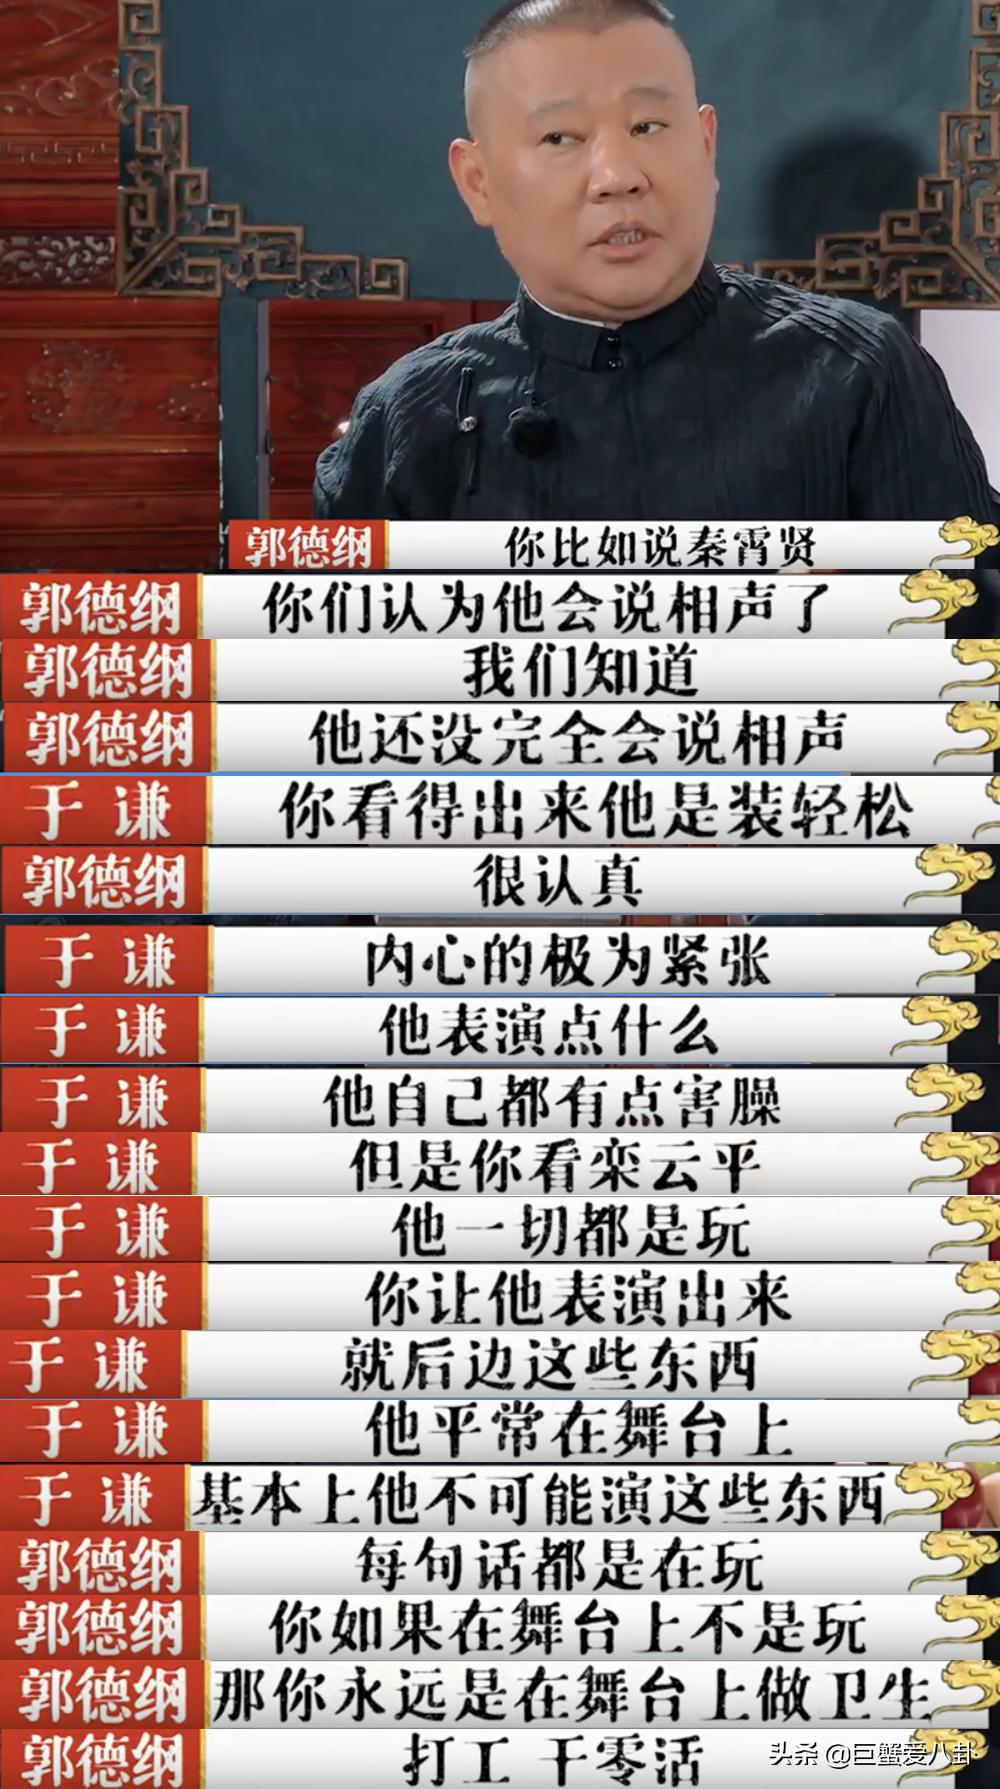 德云社演员避谈年薪,秦霄贤不在乎赚多少,说相声被于谦说装轻松